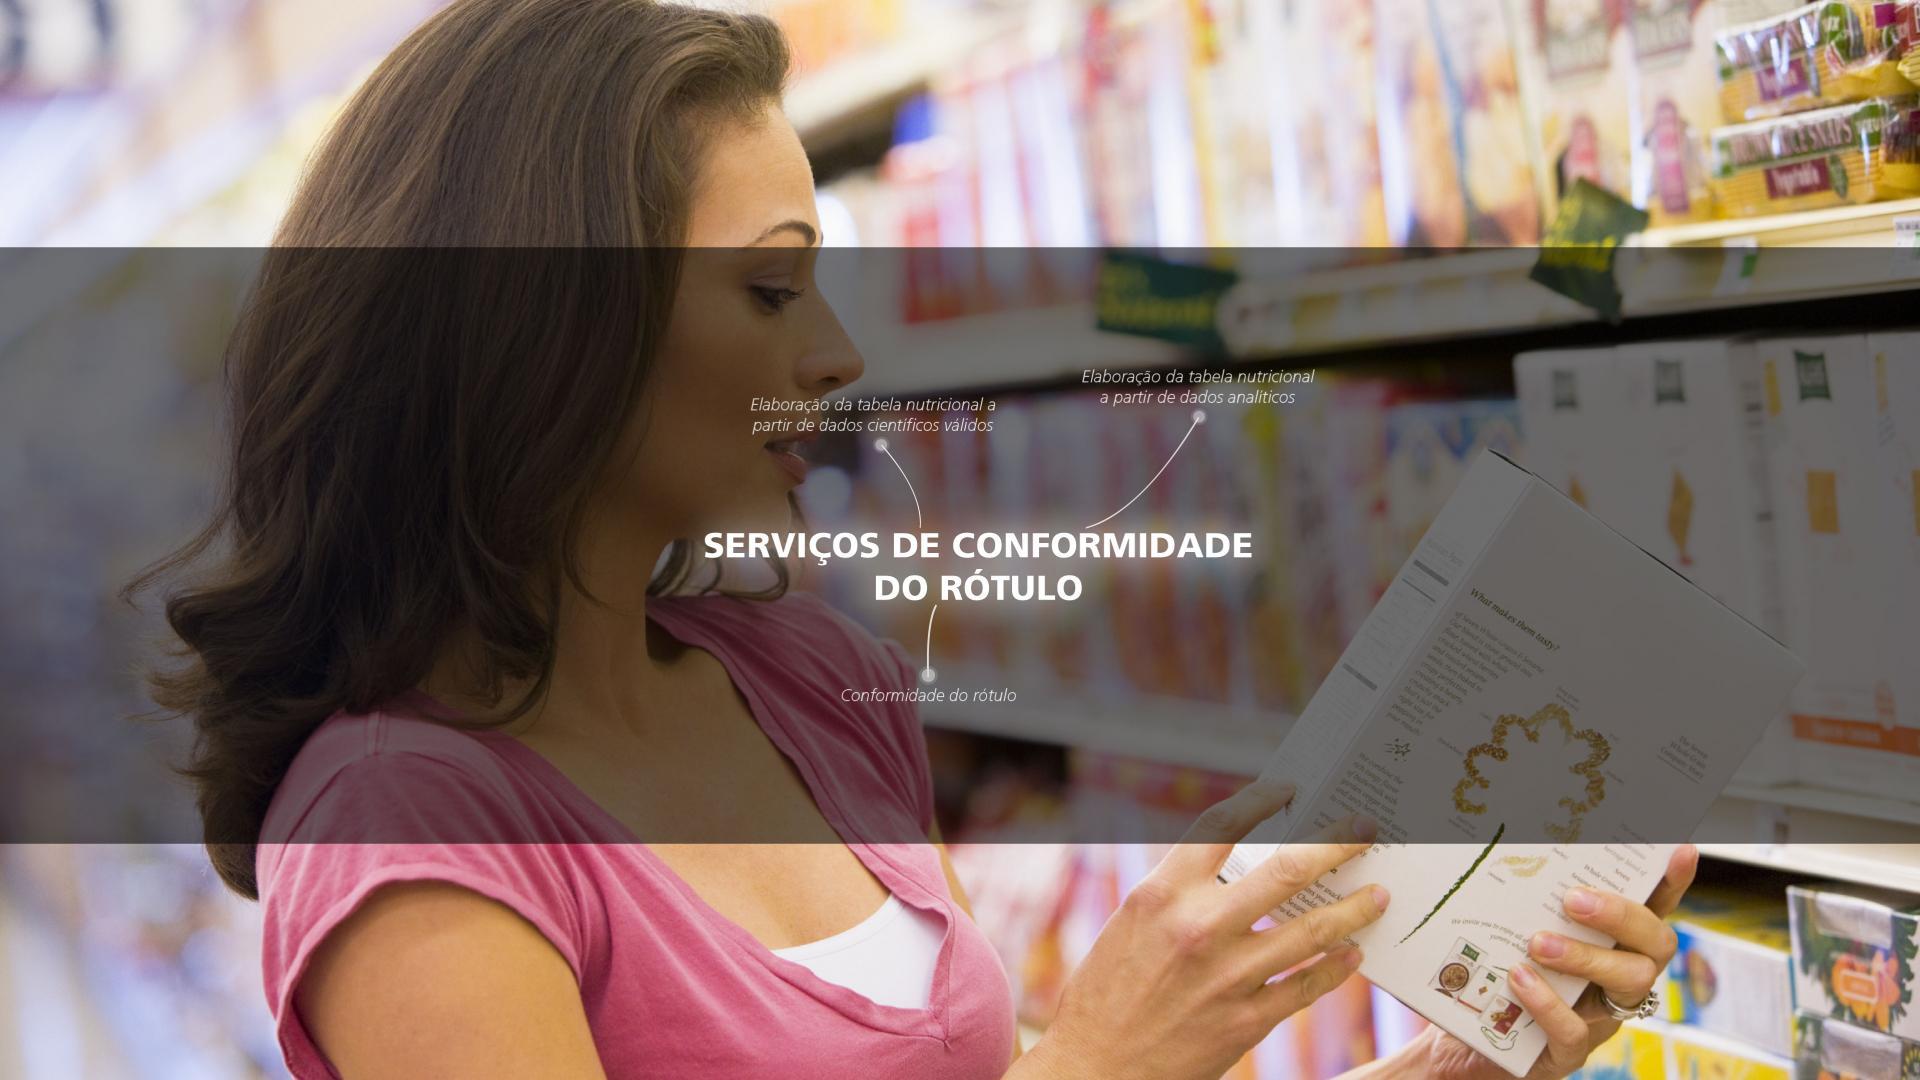 Mérieux NutriSciences-labeling and Regulatory-Labeling Services-POR